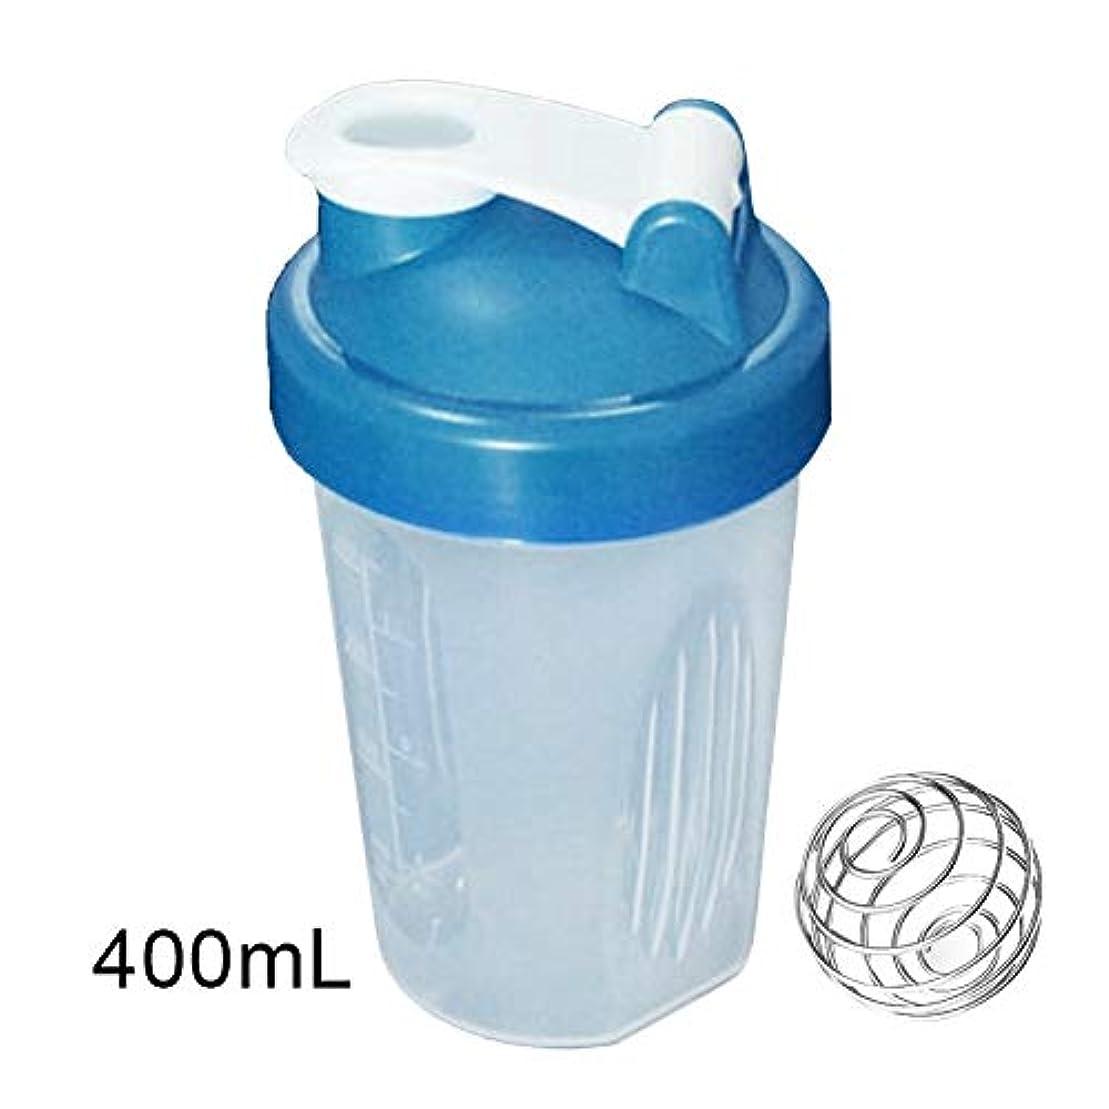 ミス支払う本部SweetiChic シェイクザカップ 400/600ミリリットル プロテインパウダーミキシングカップ 封印 漏れ防止 シェイクボトル攪拌ボール プロテインパウダーミキシング 飲料水ジュース用